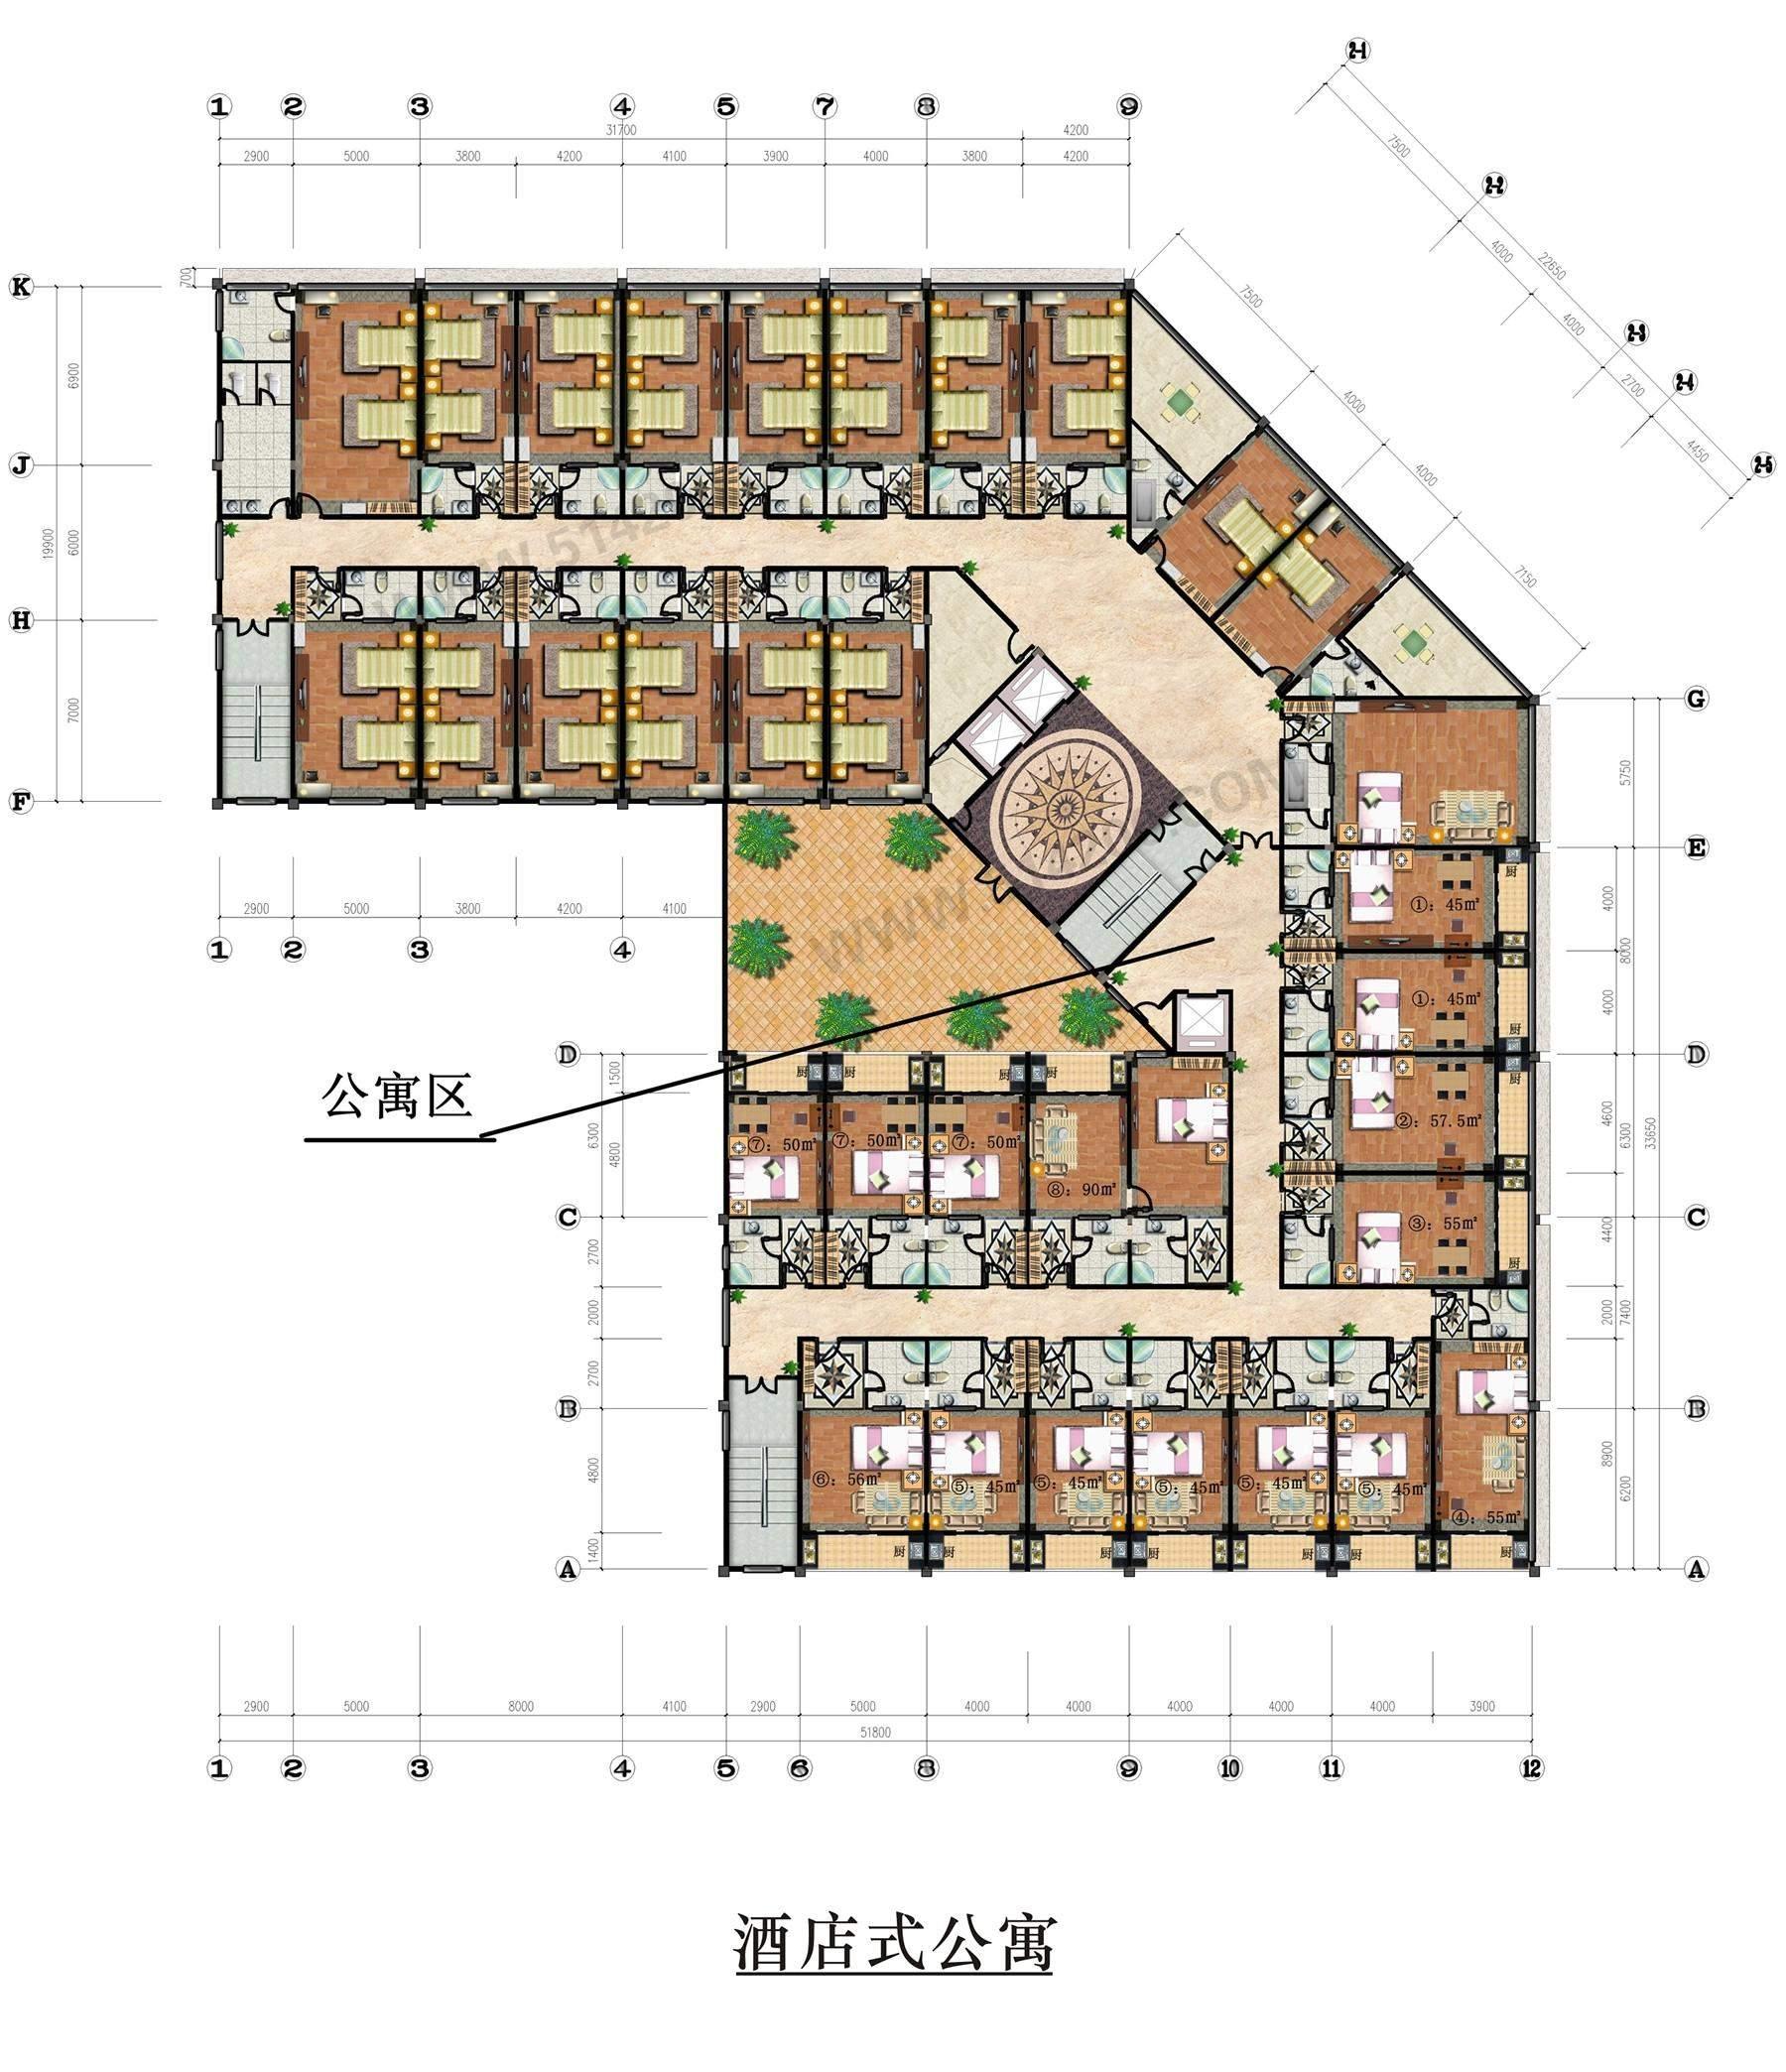 城南新邨酒店公寓